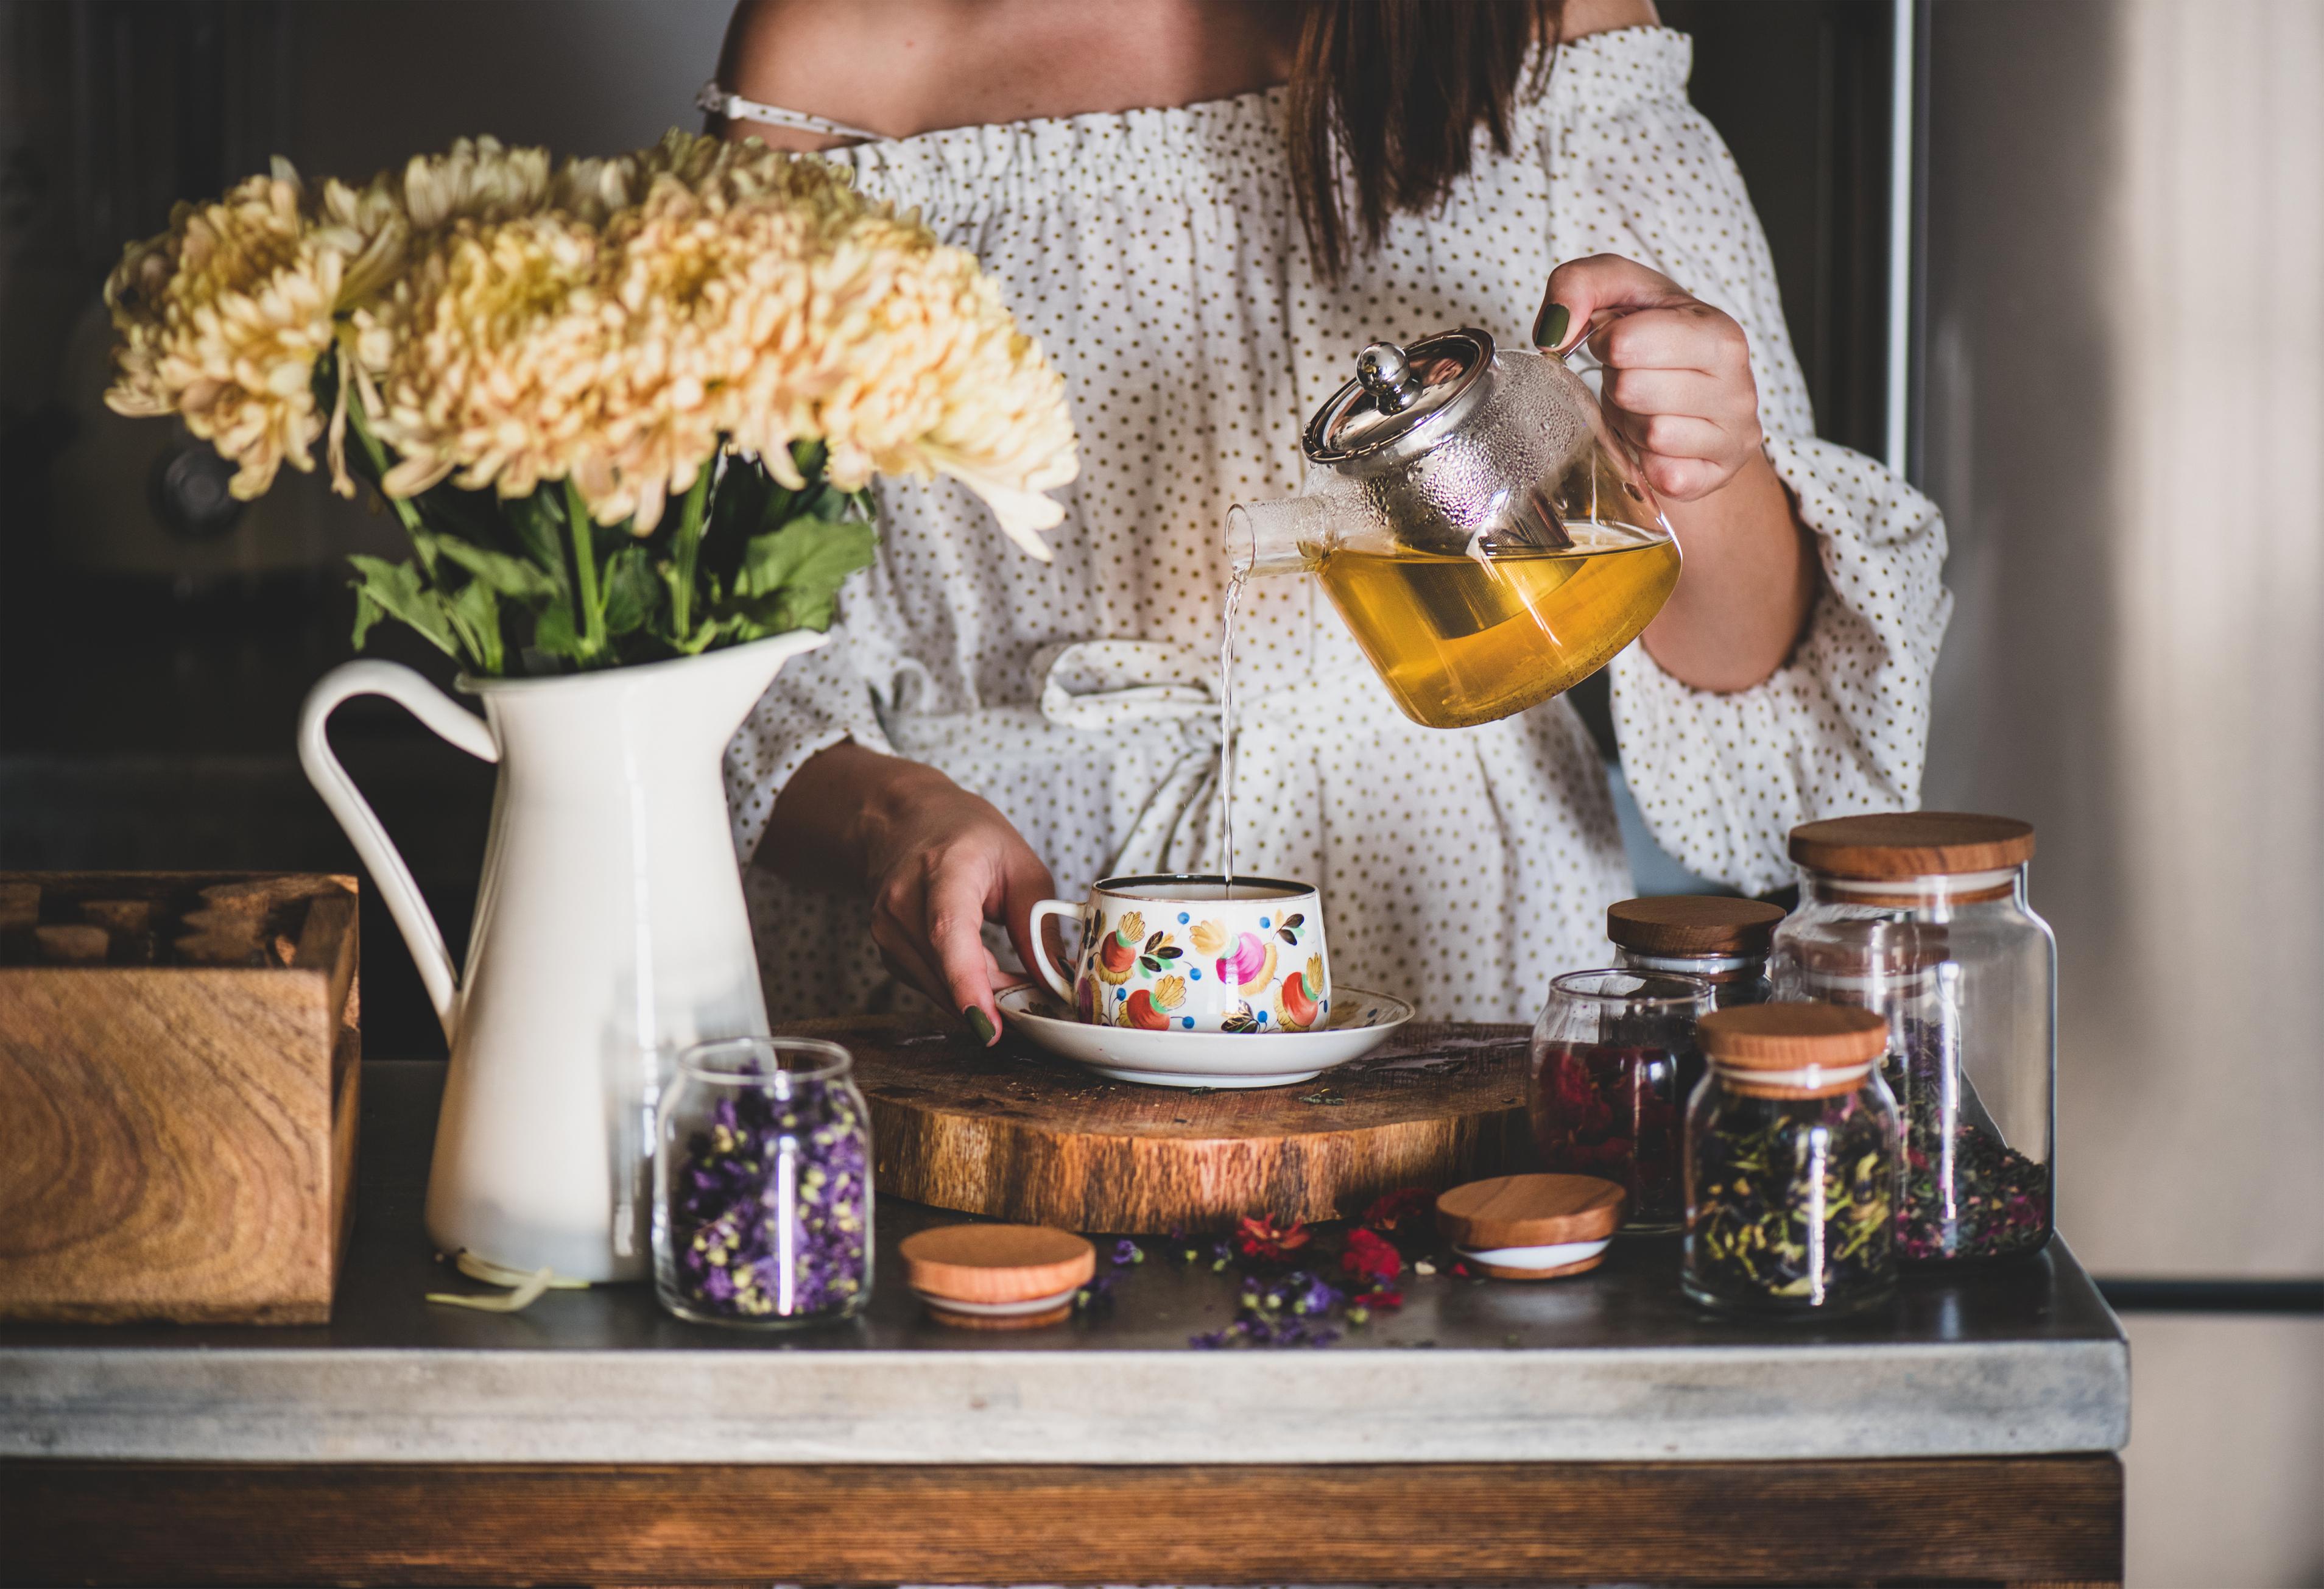 <p><strong>Действа противовъзпалително</strong></p>  <p>Съставки, открити в зеления и черен чай, могат да окажат огромно влияние върху намаляването на възпалението в червените кръвни клетки. Те дори откриха, че хората с лупус, които ежедневно консумират зелен чай в продължение на 12 седмици, съобщават за по-малко възпаление в телата си.</p>